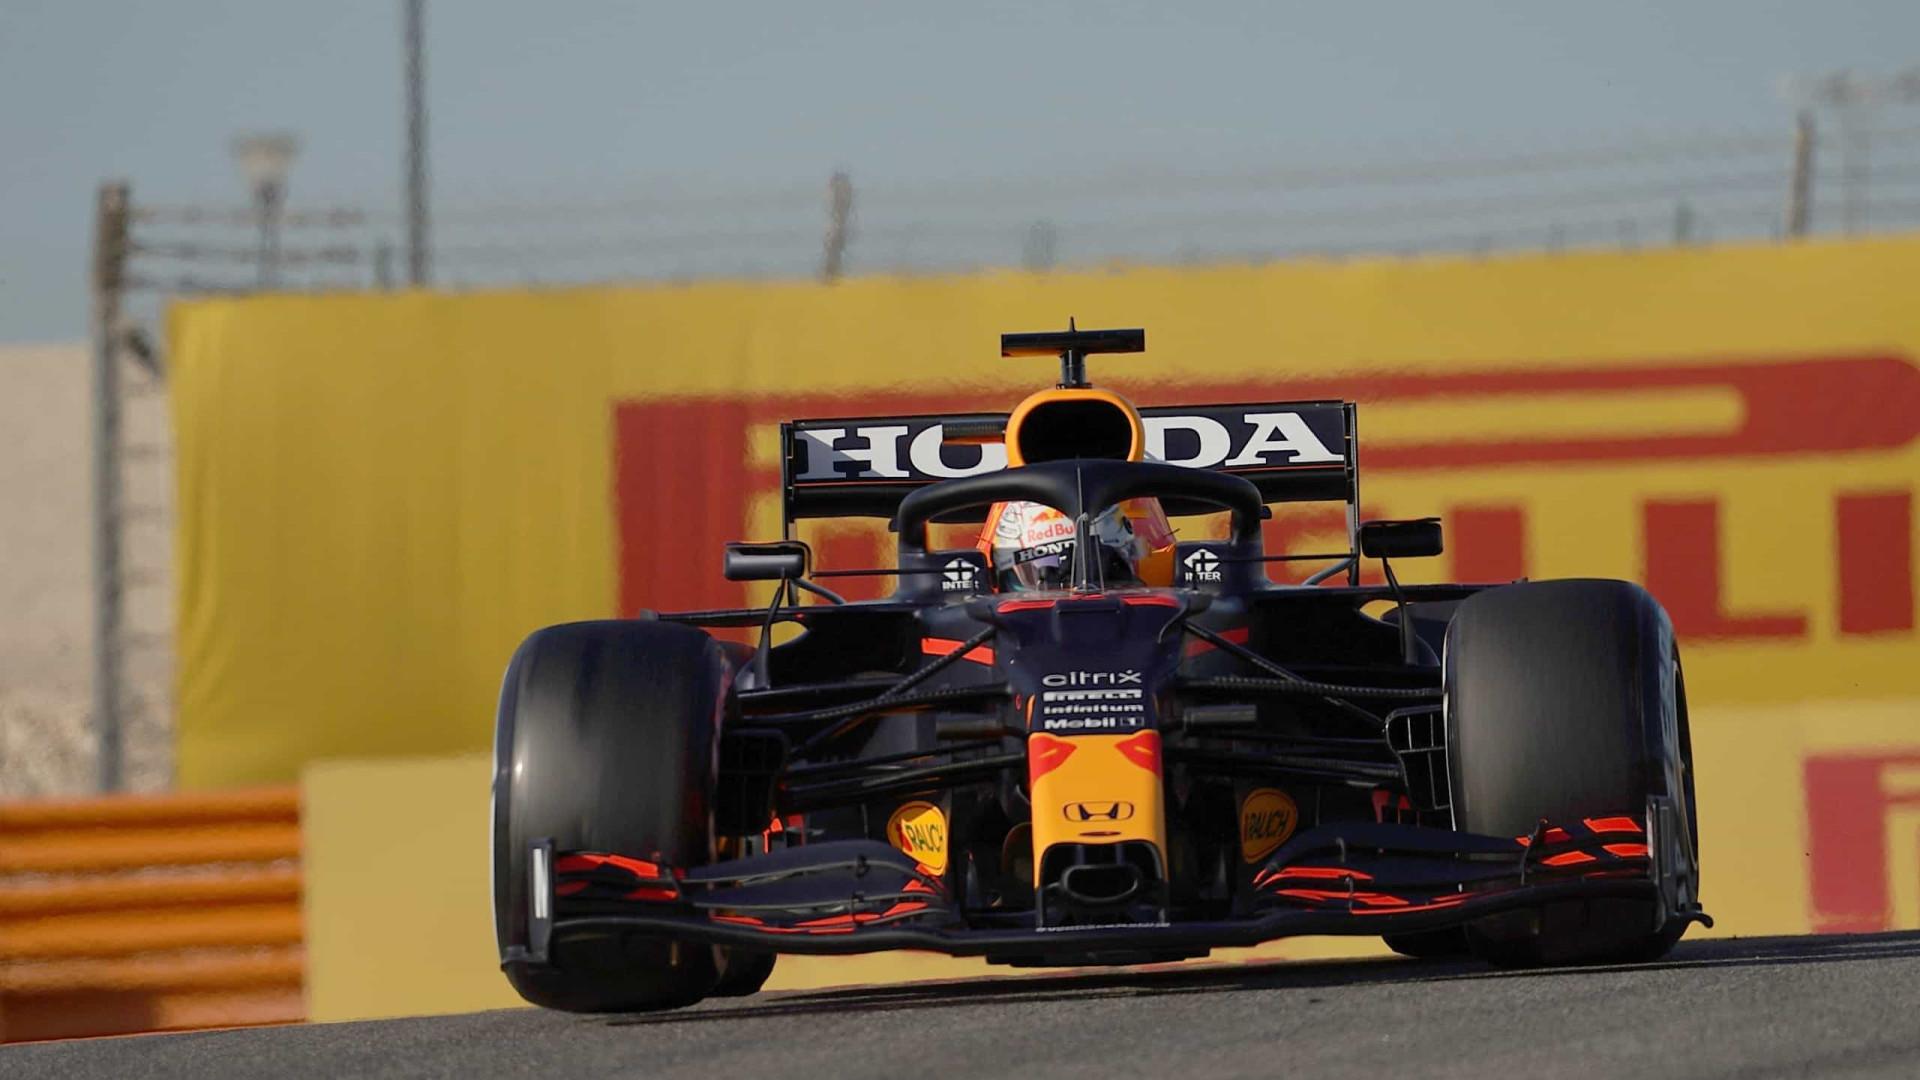 Verstappen domina também o segundo treino livre para o GP do Bahrein de Fórmula 1